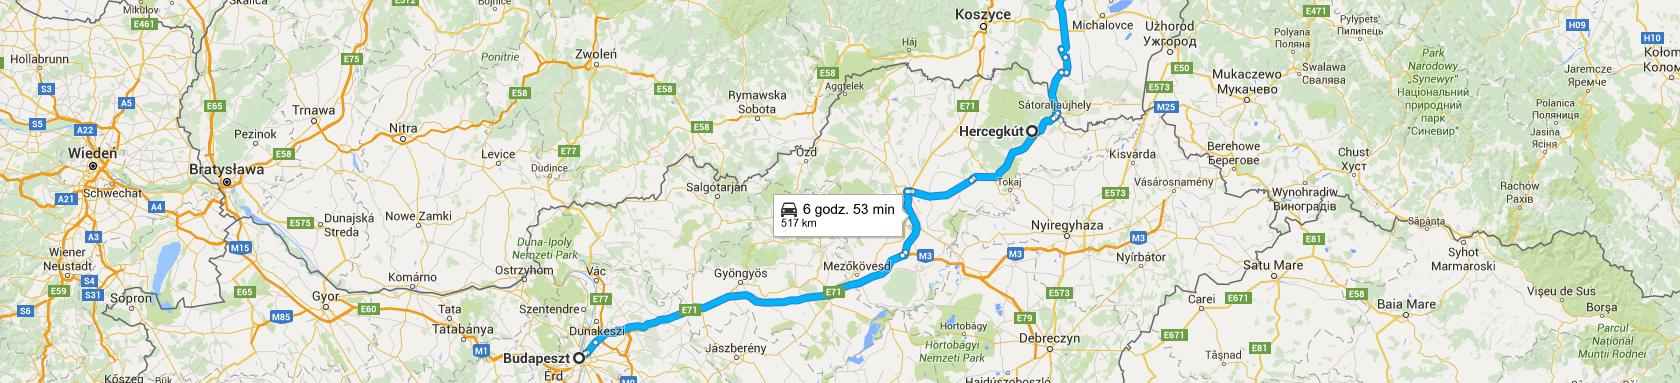 Trasa powrotna z Budapesztu